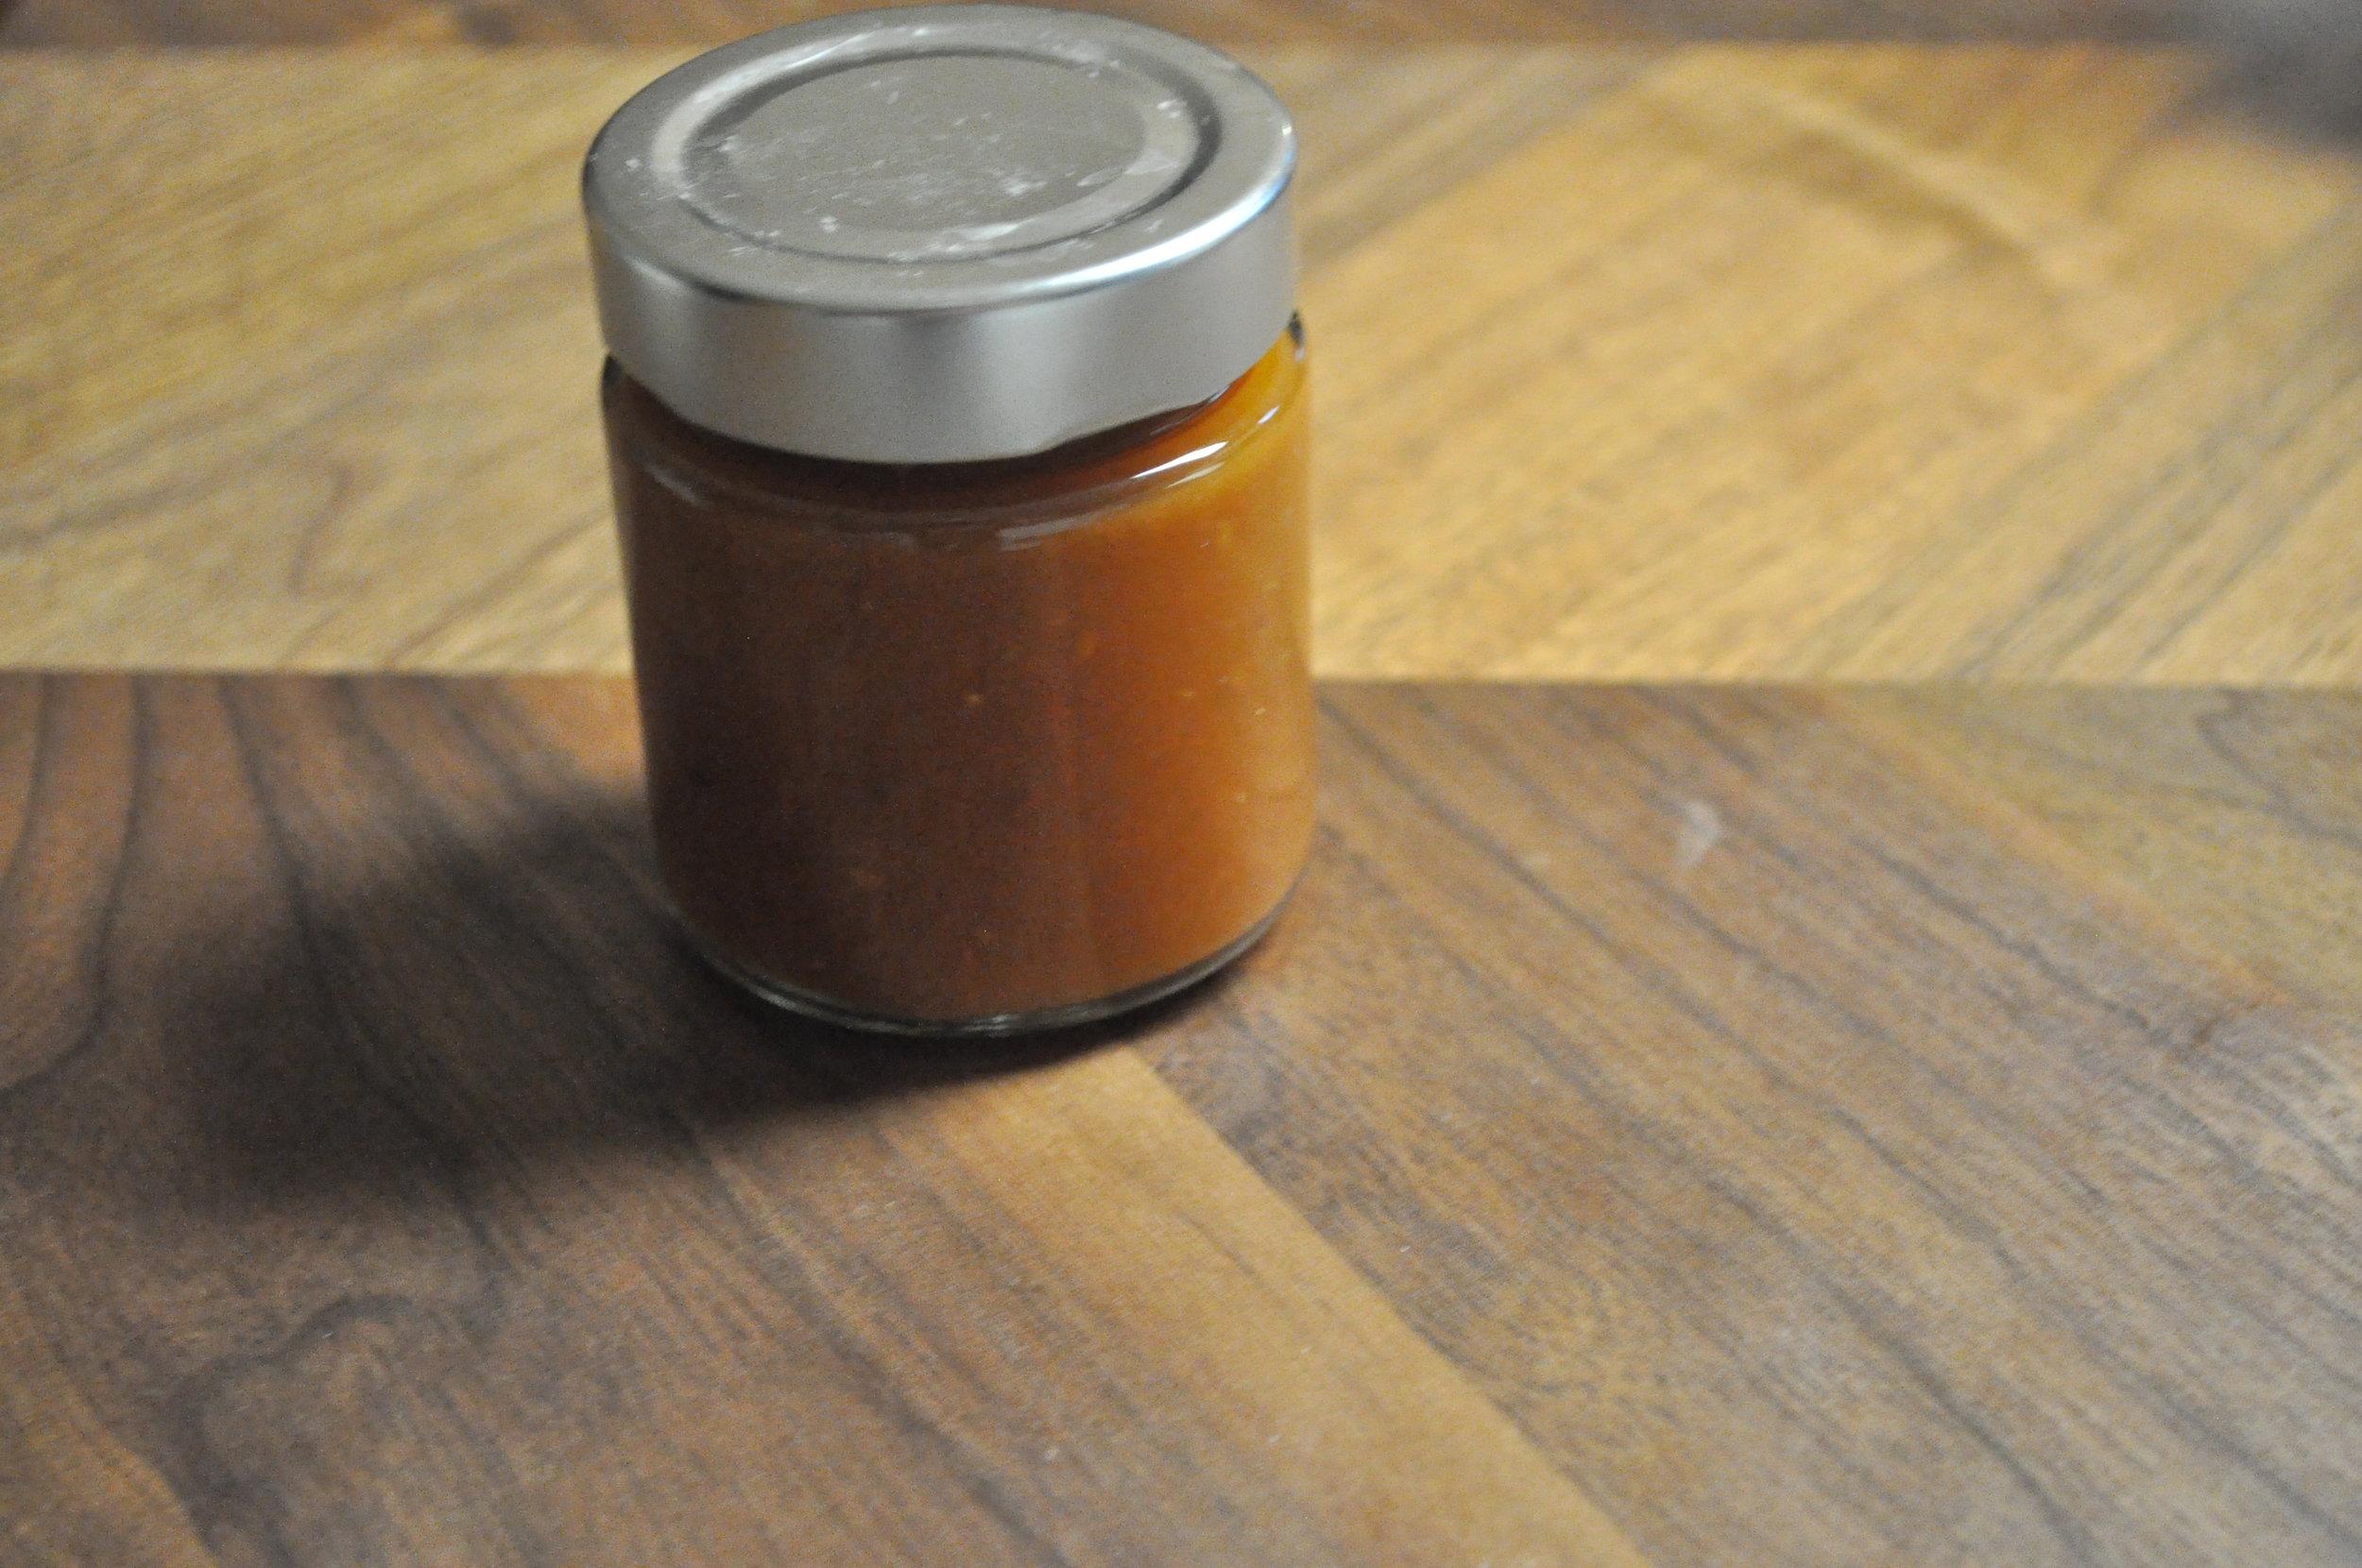 8 Gläser Ketchup produziert leider noch nicht beschriftet…Beschriftungsmaschine streikt:(